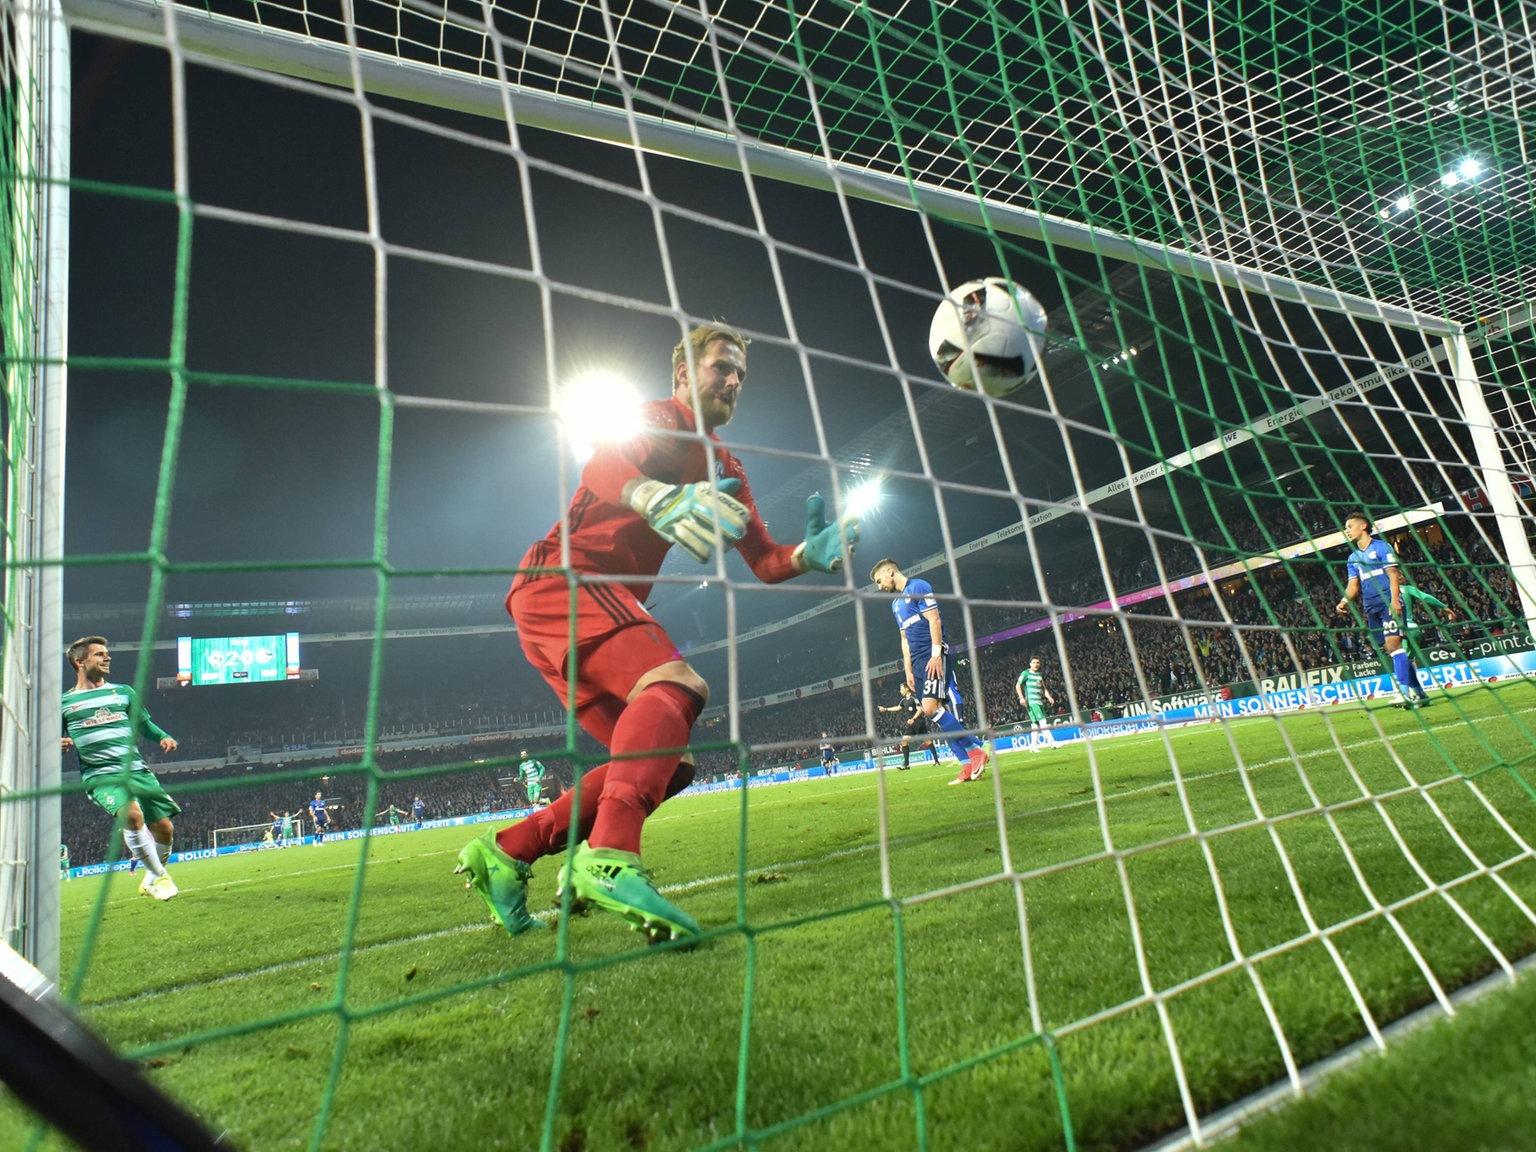 Ein Torwart greift hinter sich, um den Ball aus dem Netz zu holen